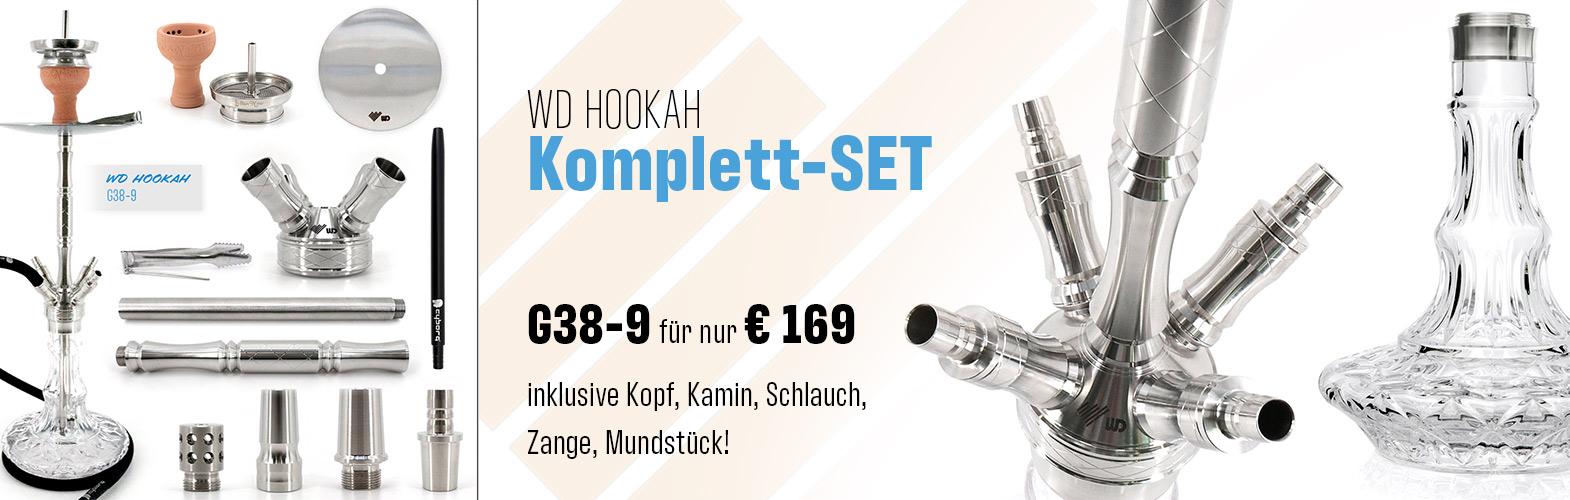 WD Hokkah Komplett-Set